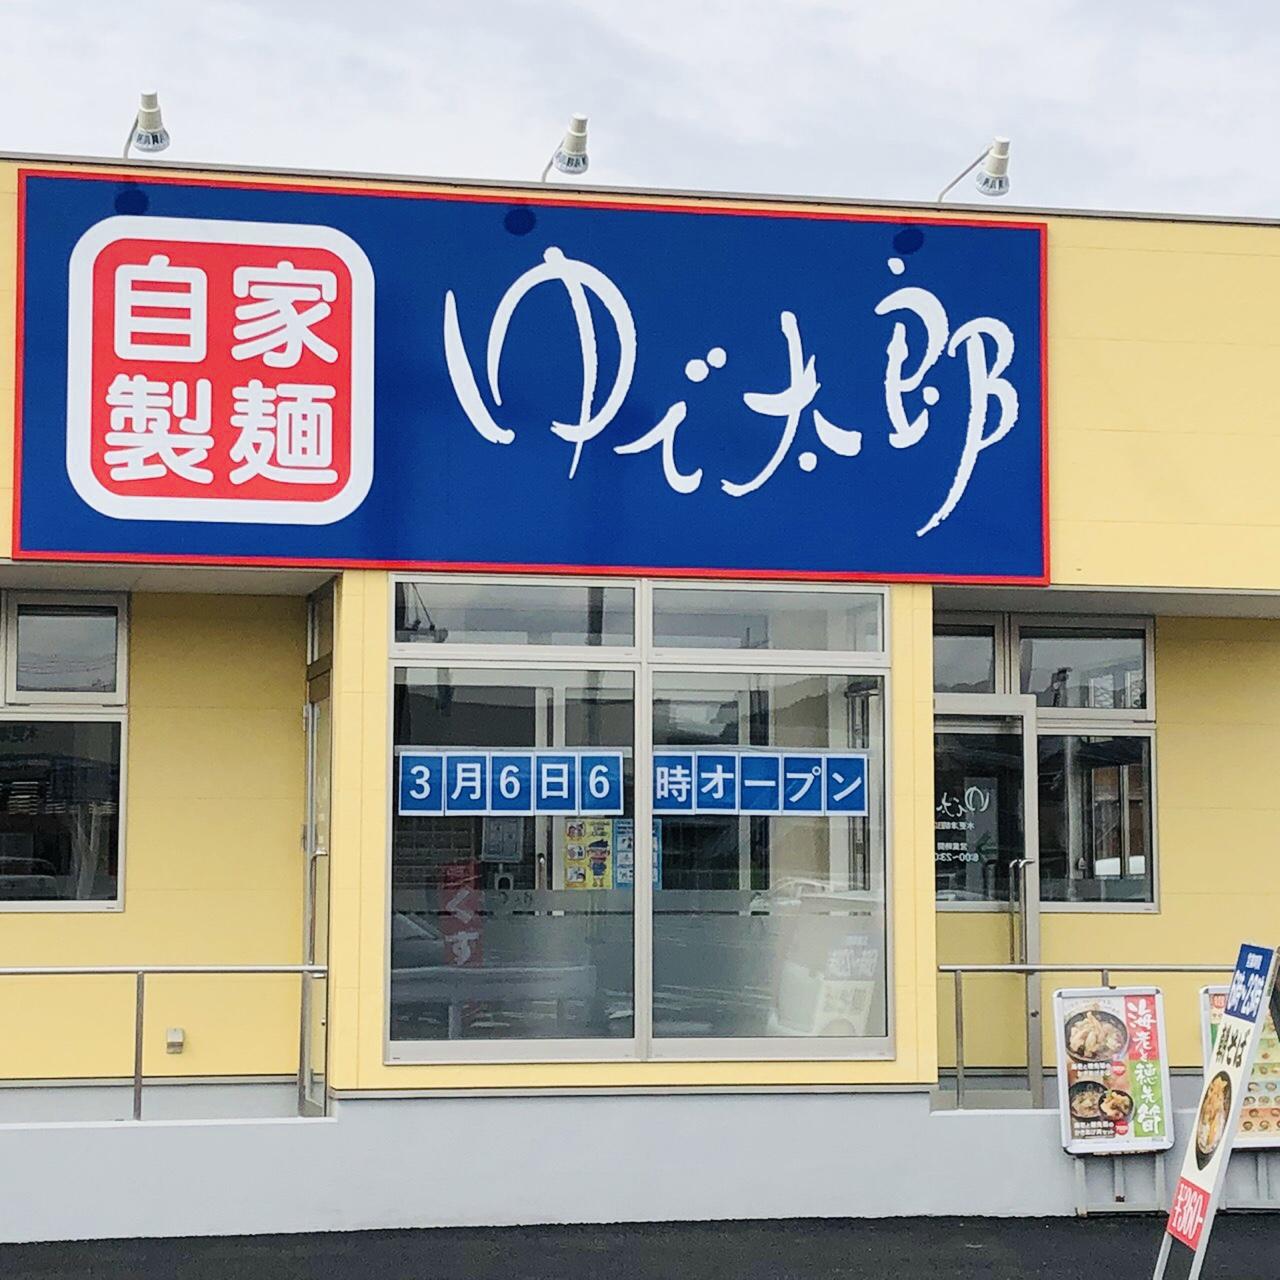 福岡 ゆで 太郎 ゆで太郎でマシマシ肉野菜そばを食べて野菜マシマシを体験せよ